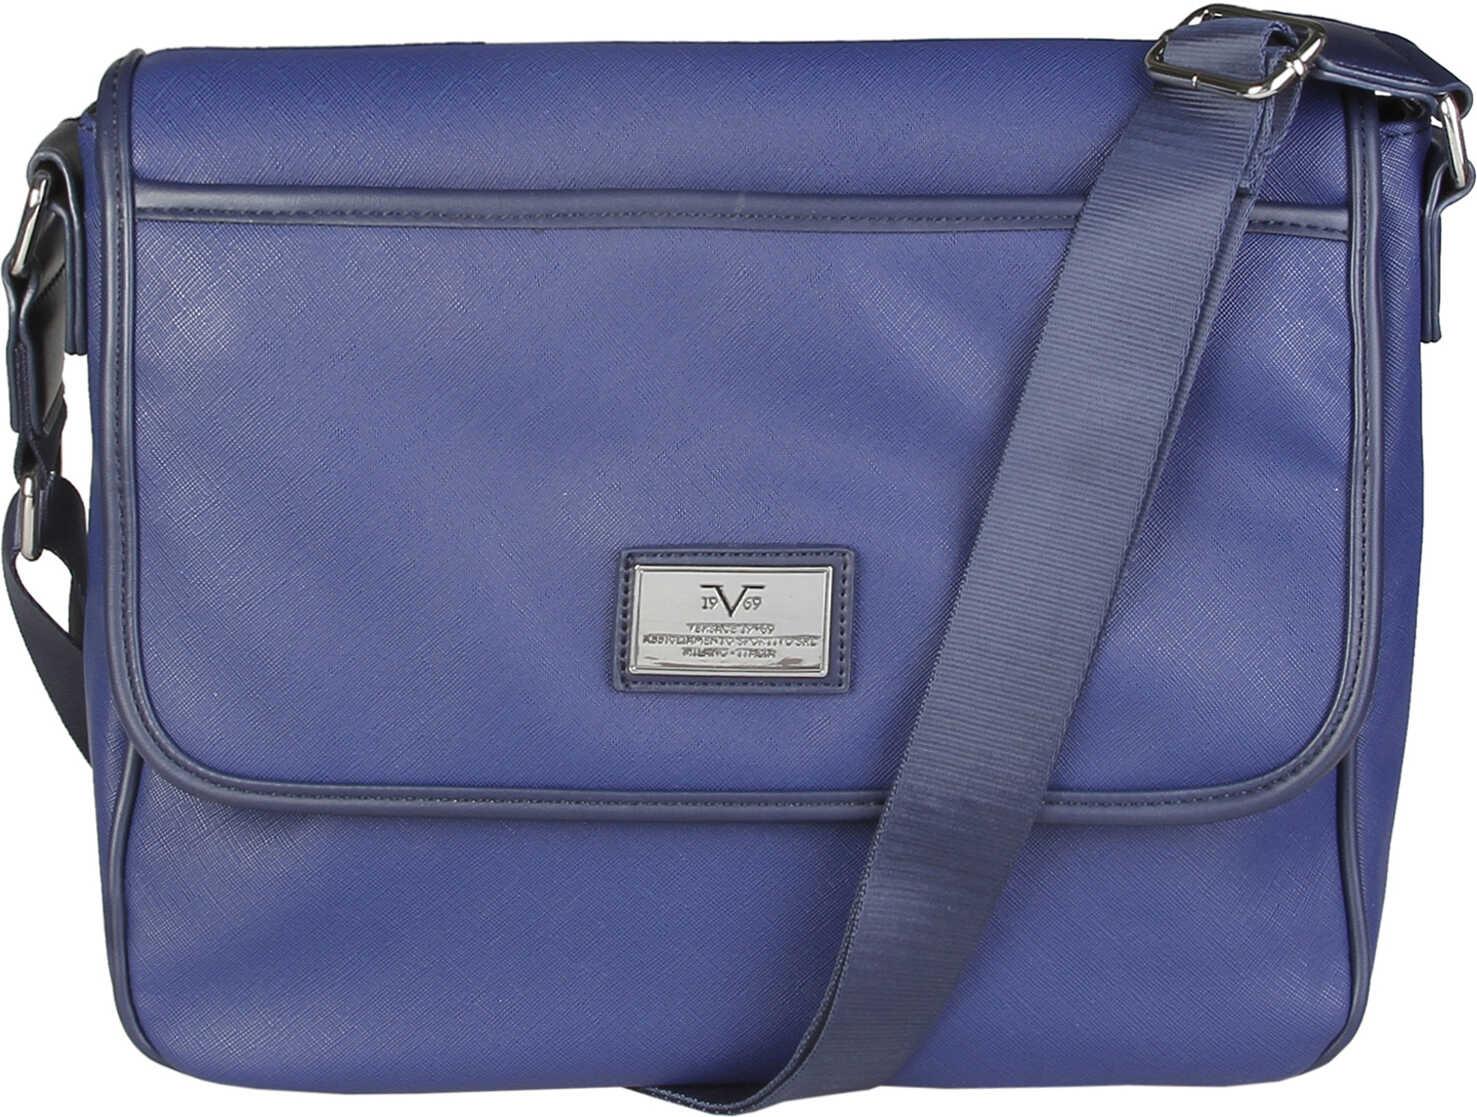 V 19.69 Yqg-006-3 Blue